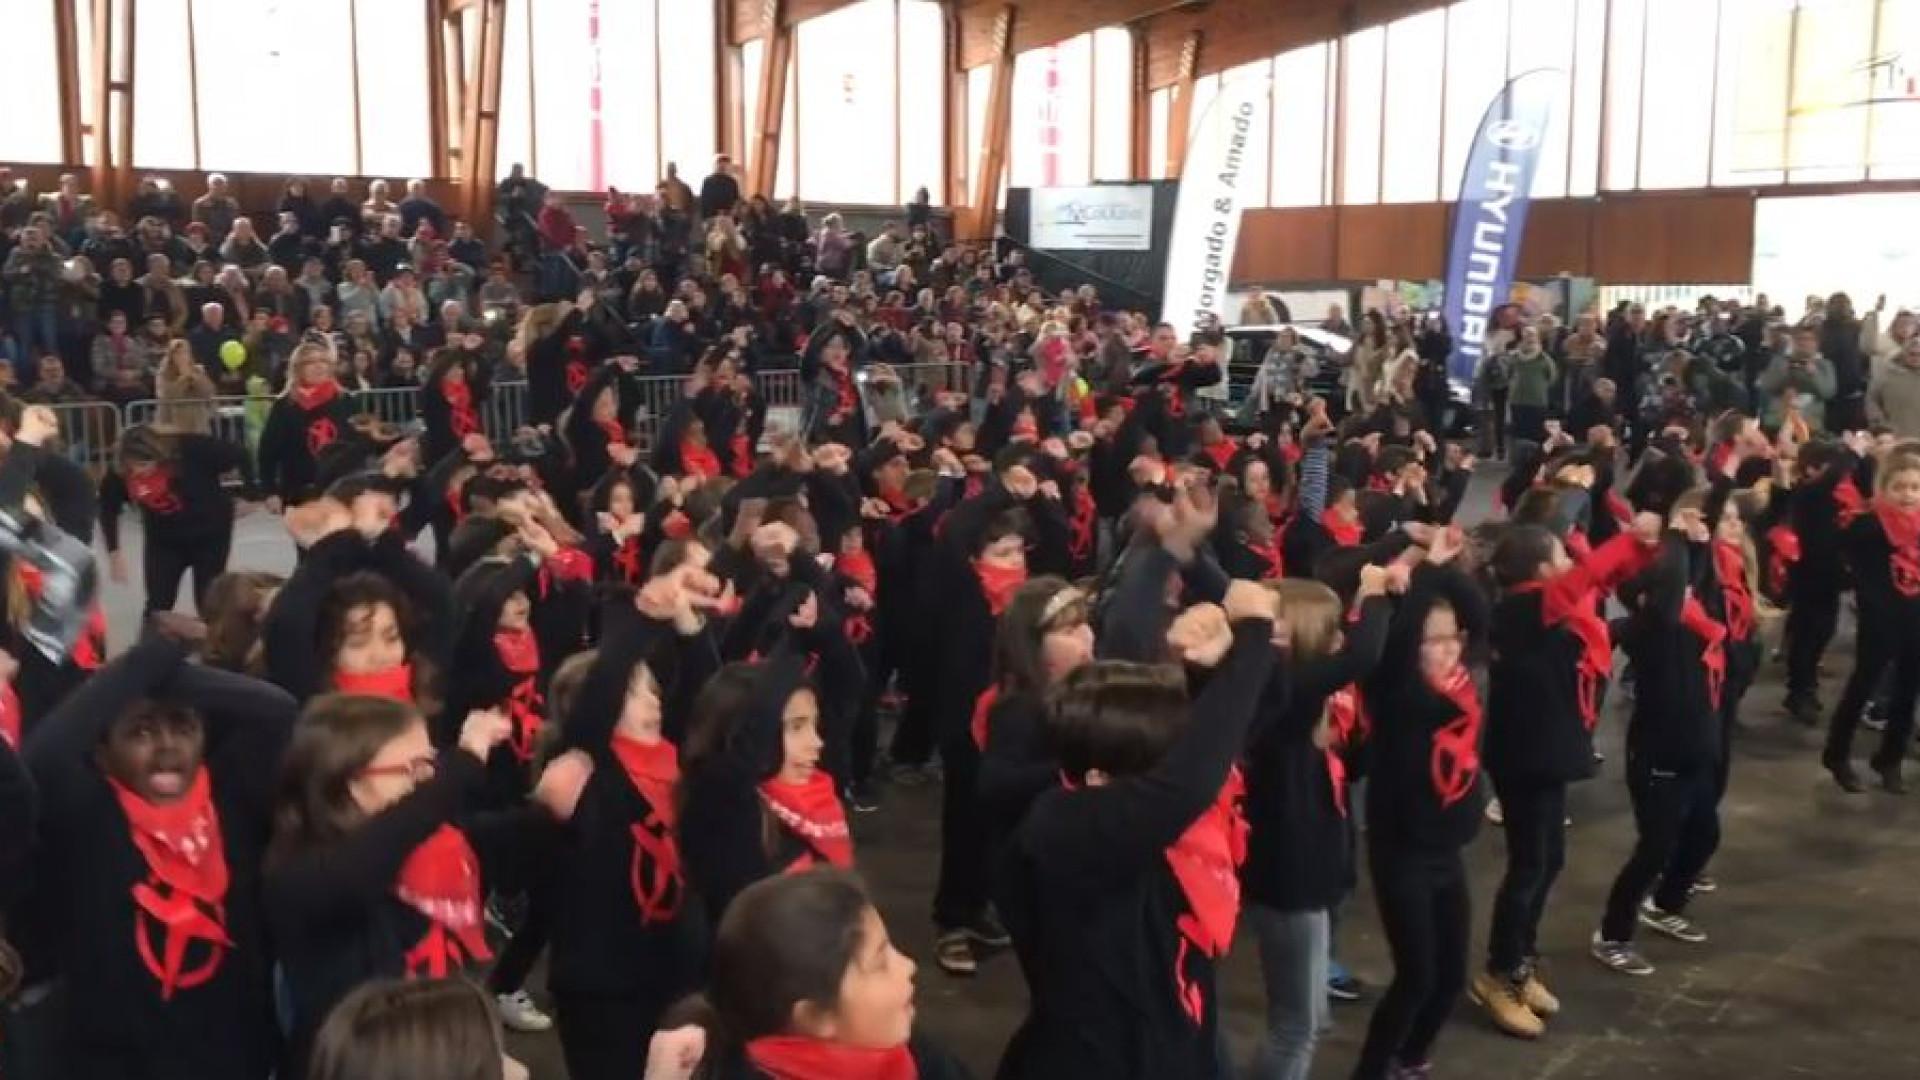 Dezenas de crianças fazem arrepiante homenagem a Zé Pedro no Carnaval